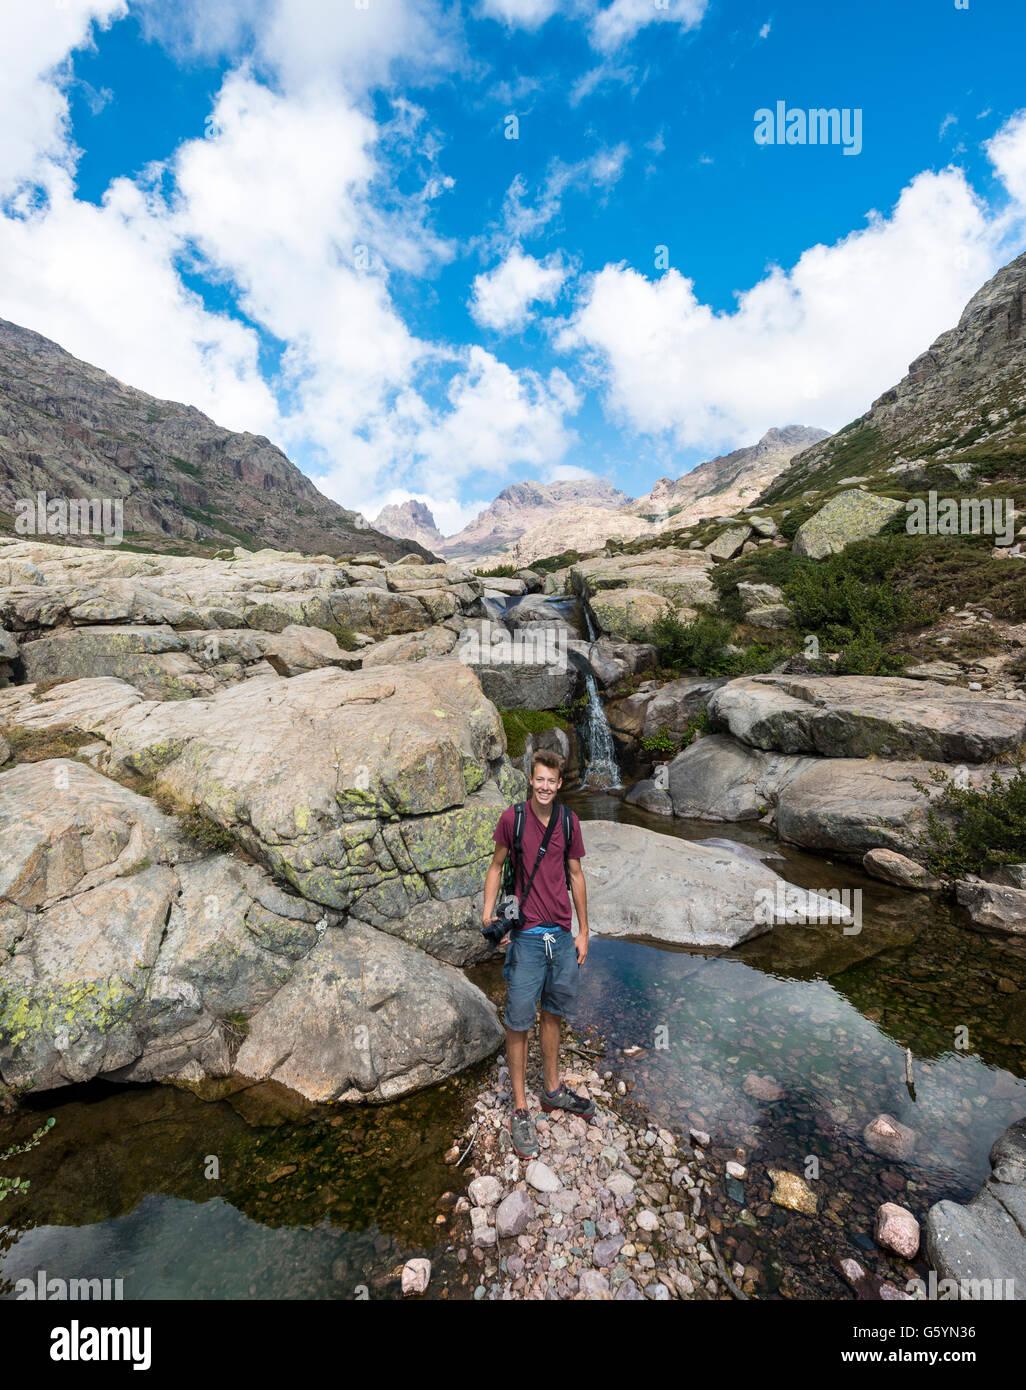 Jeune homme debout à une piscine avec une petite cascade dans les montagnes, rivière Golo, Parc Naturel Photo Stock